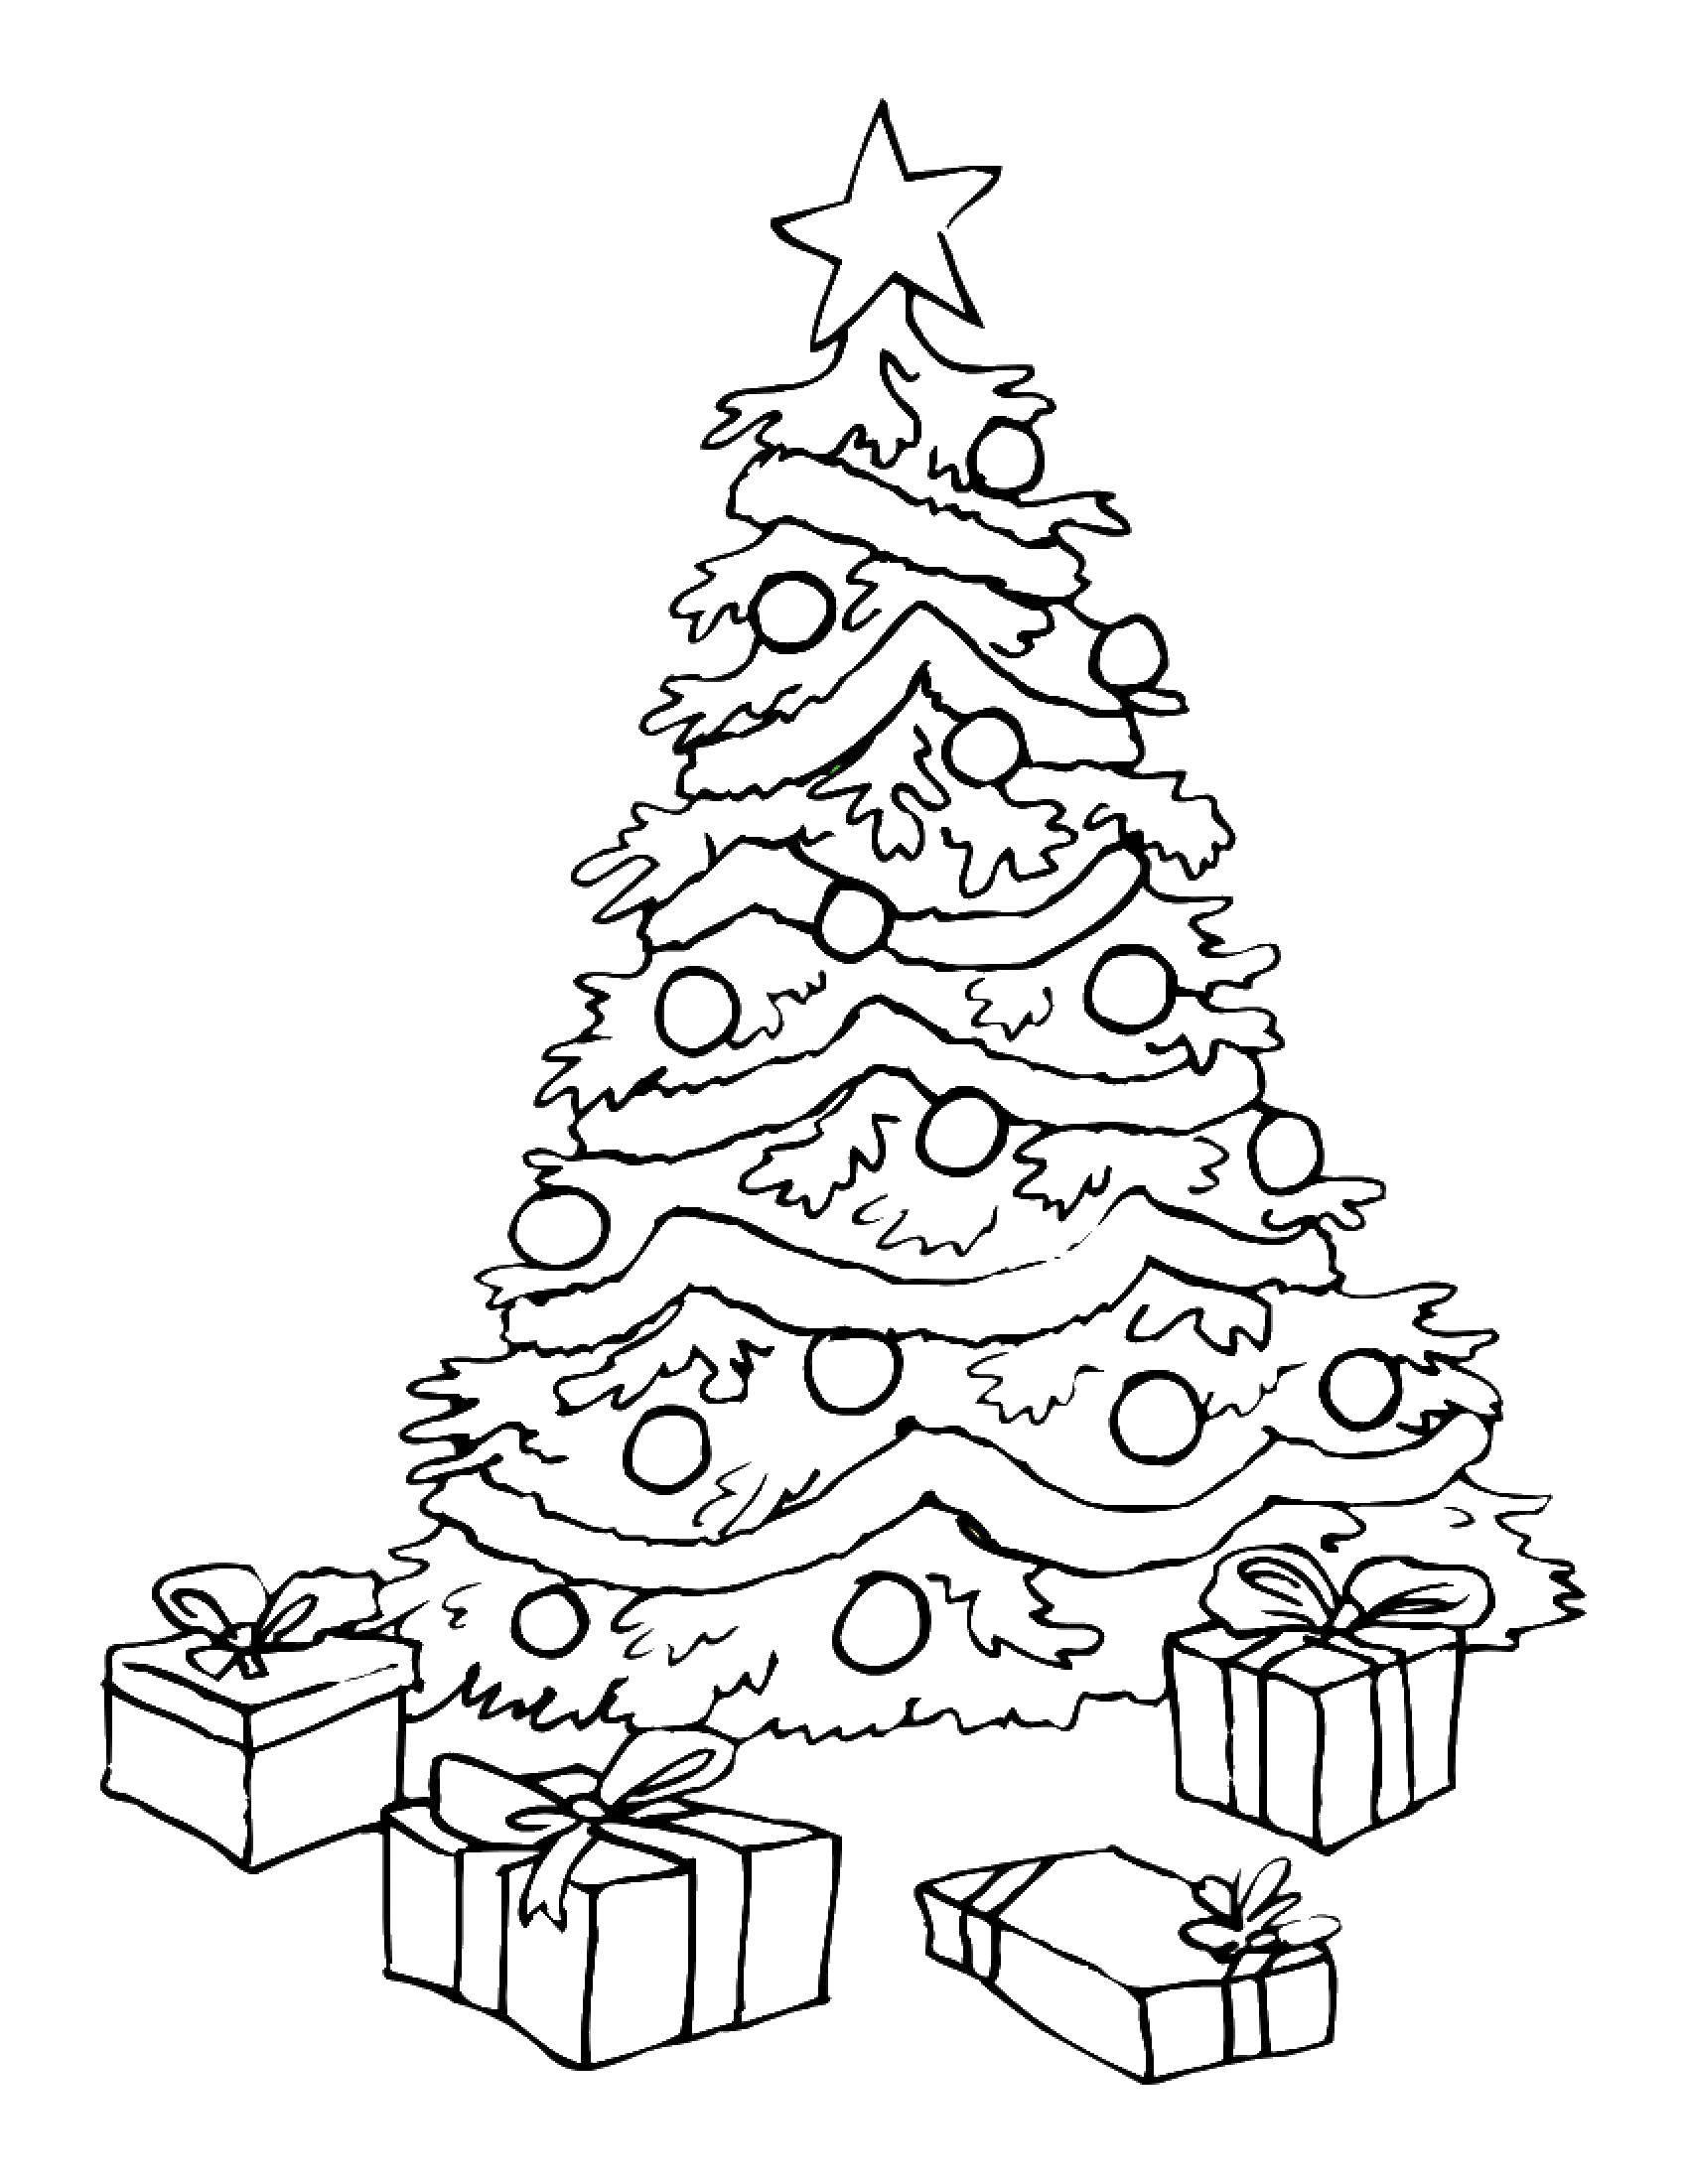 Раскраска Рождество Скачать Техника.  Распечатать ,телефон,